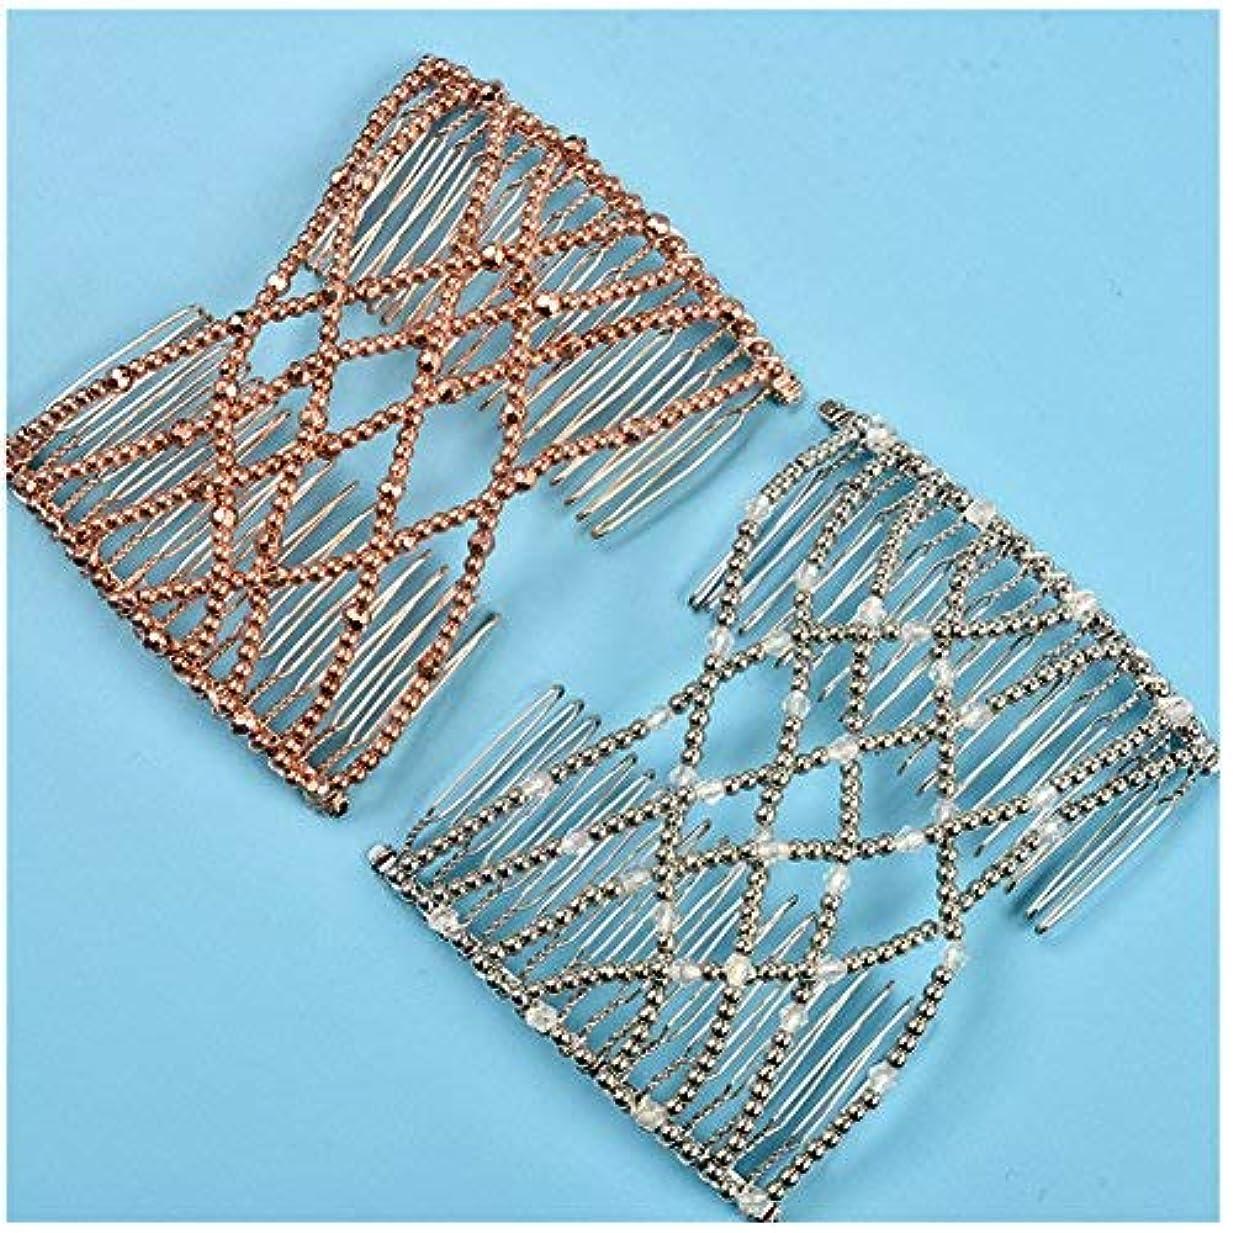 分離する高音期待Lovef 2pcs Fashion Magic Beaded Elasticity Double Hair Comb Clip Stretchy Women Hair Accessories [並行輸入品]